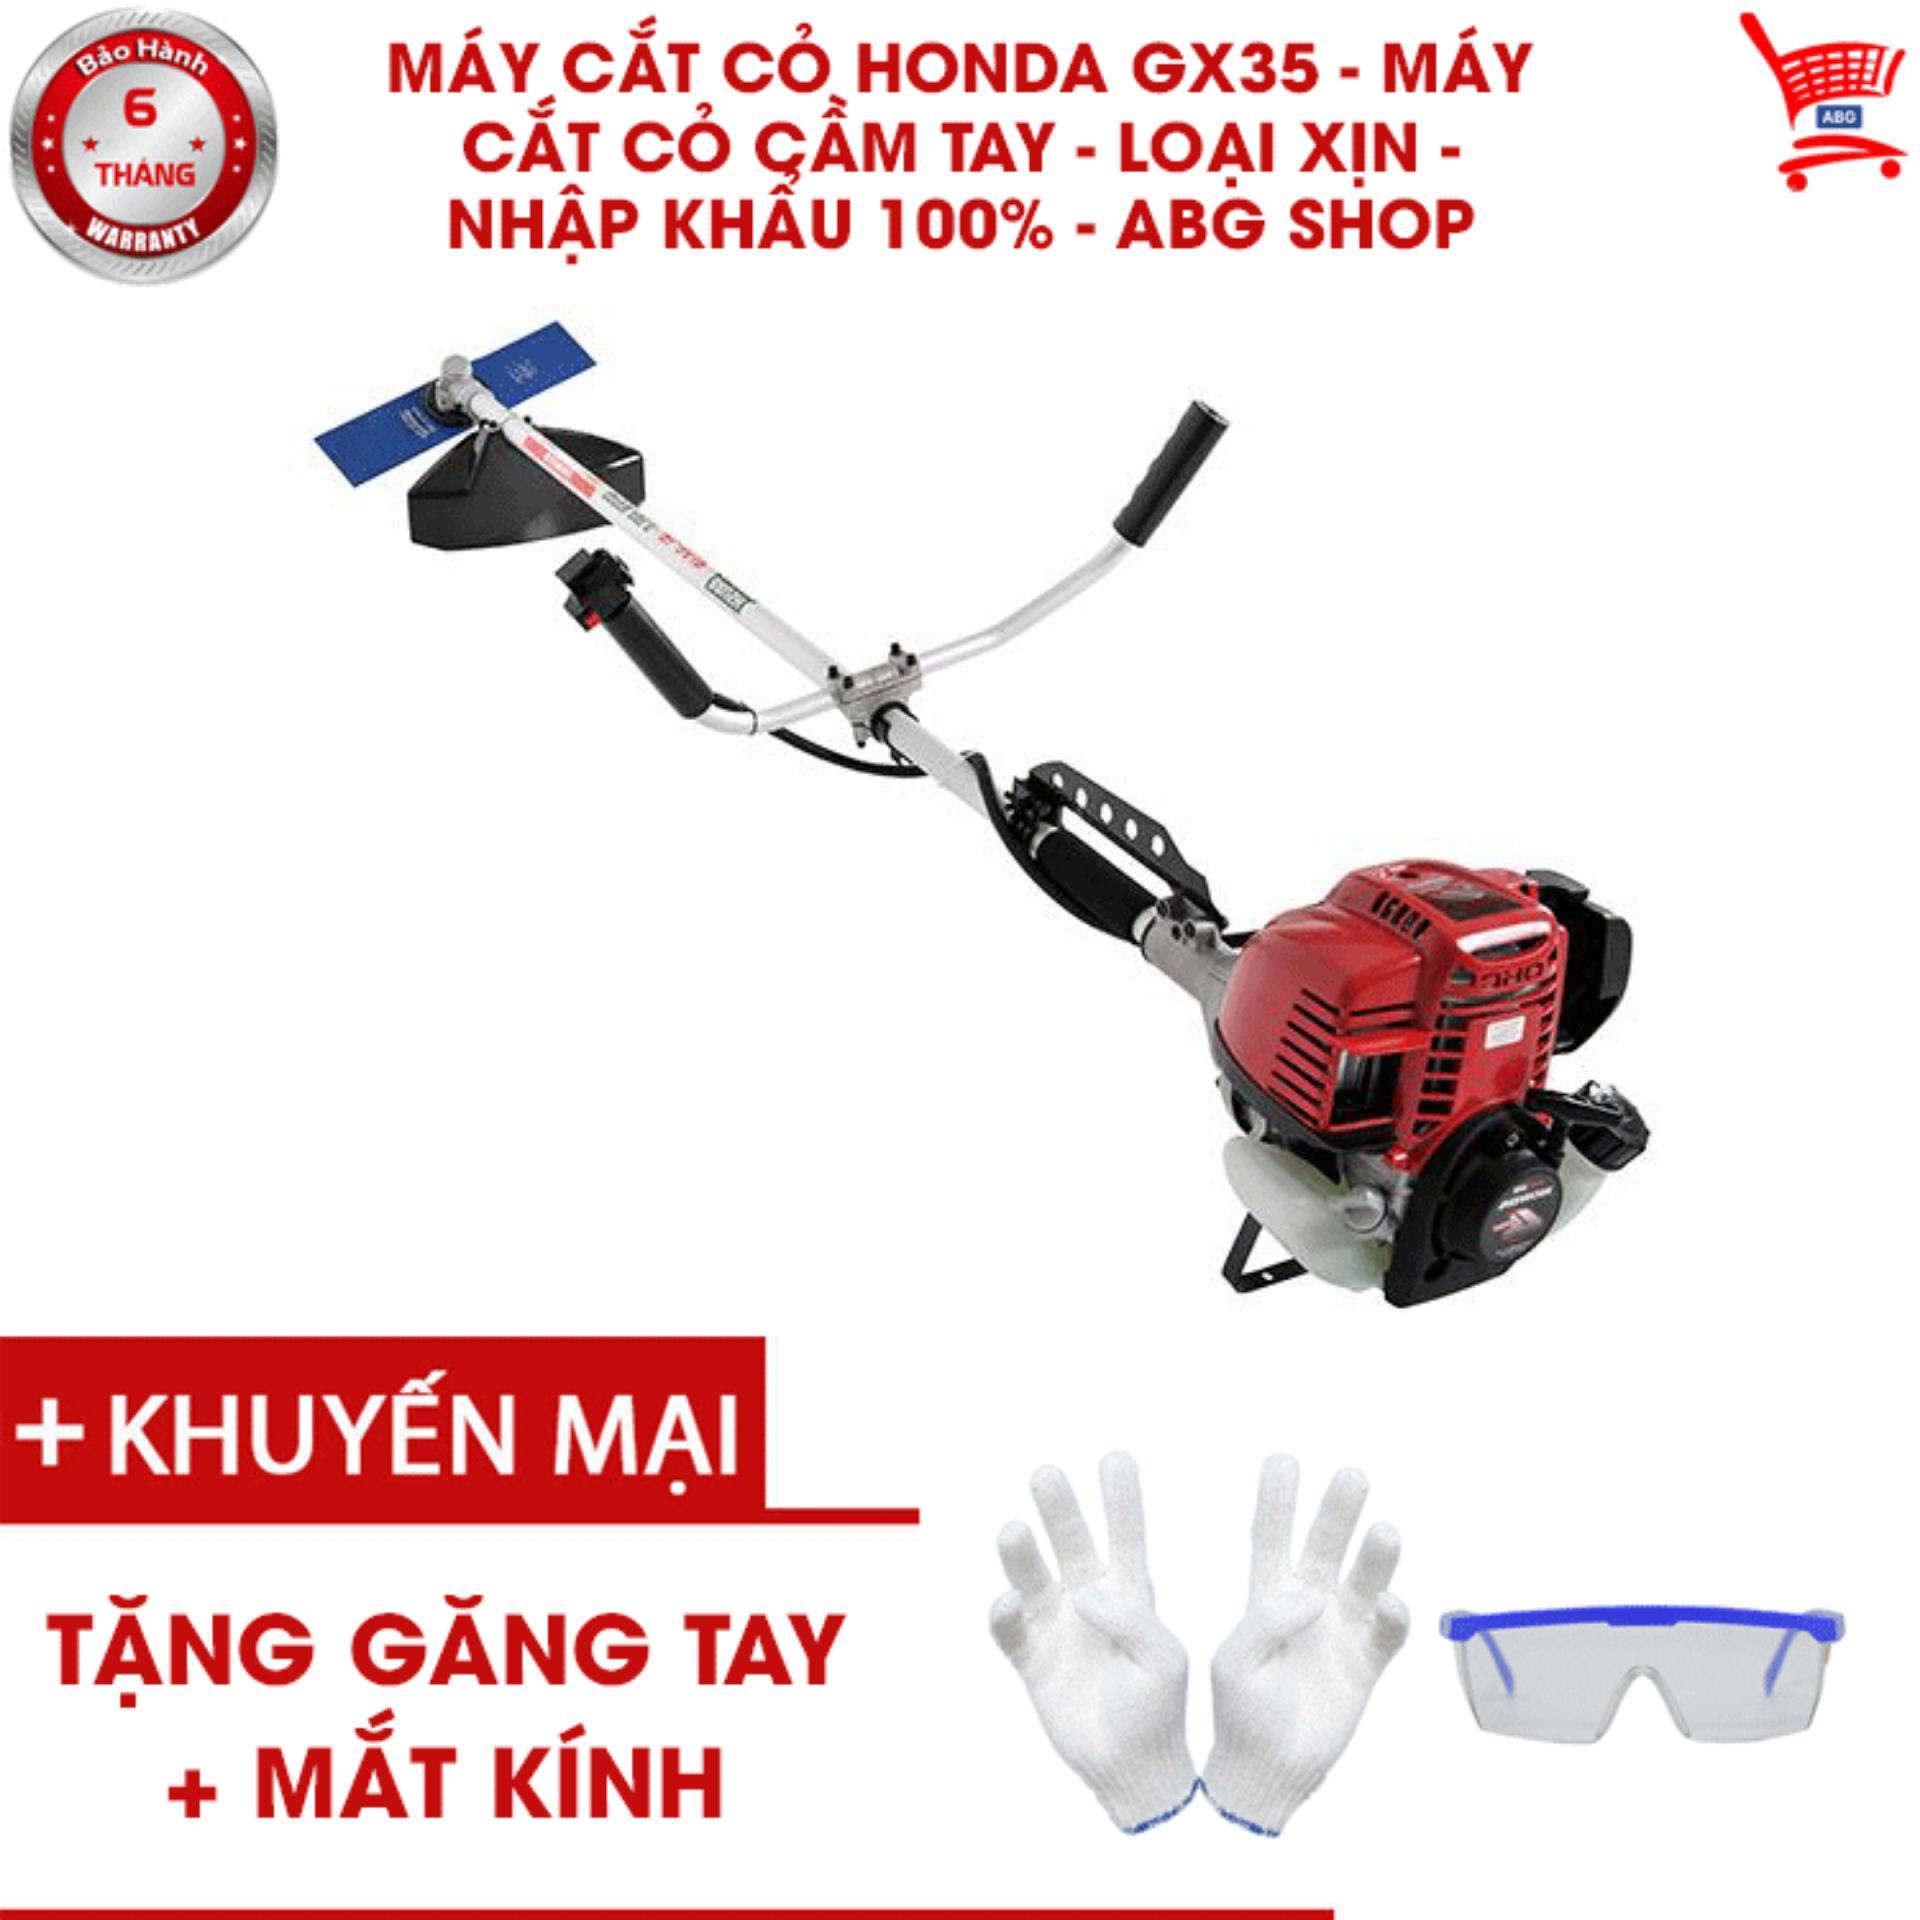 Máy cắt cỏ Honda GX35 - Máy cắt cỏ cầm tay - Loại xịn - nhập khẩu 100% - ABG shop